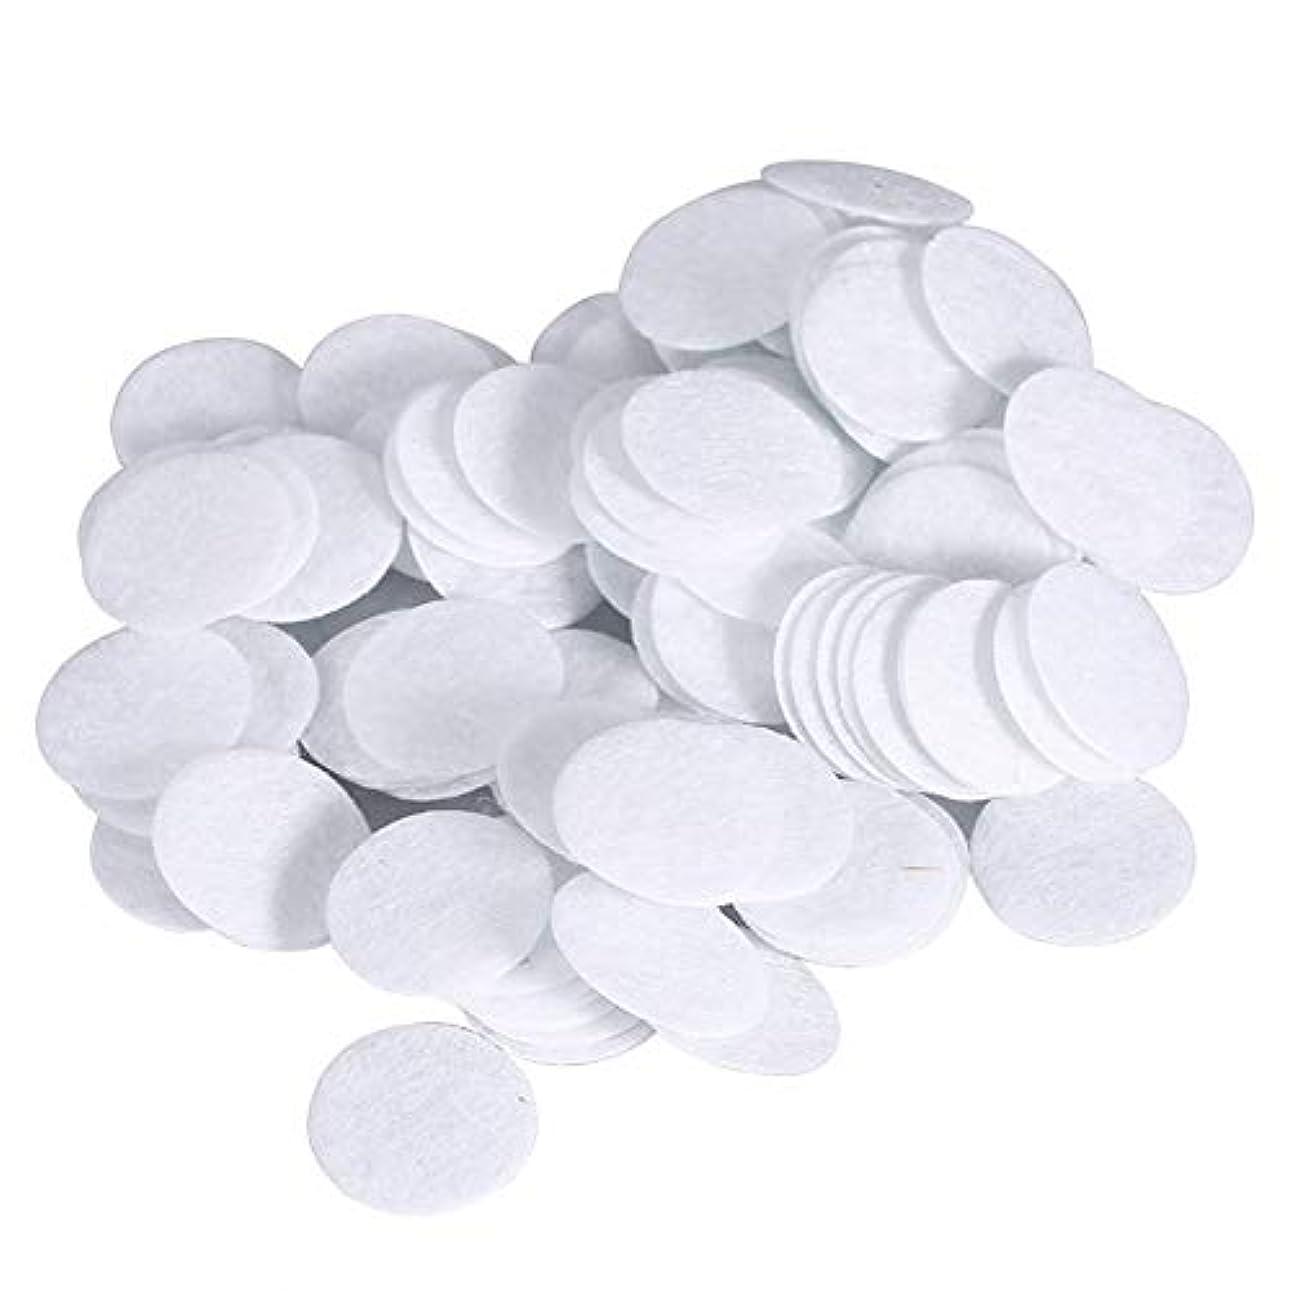 綿フィルターパッド にきび除去美容機用 100個 コットン 15mm